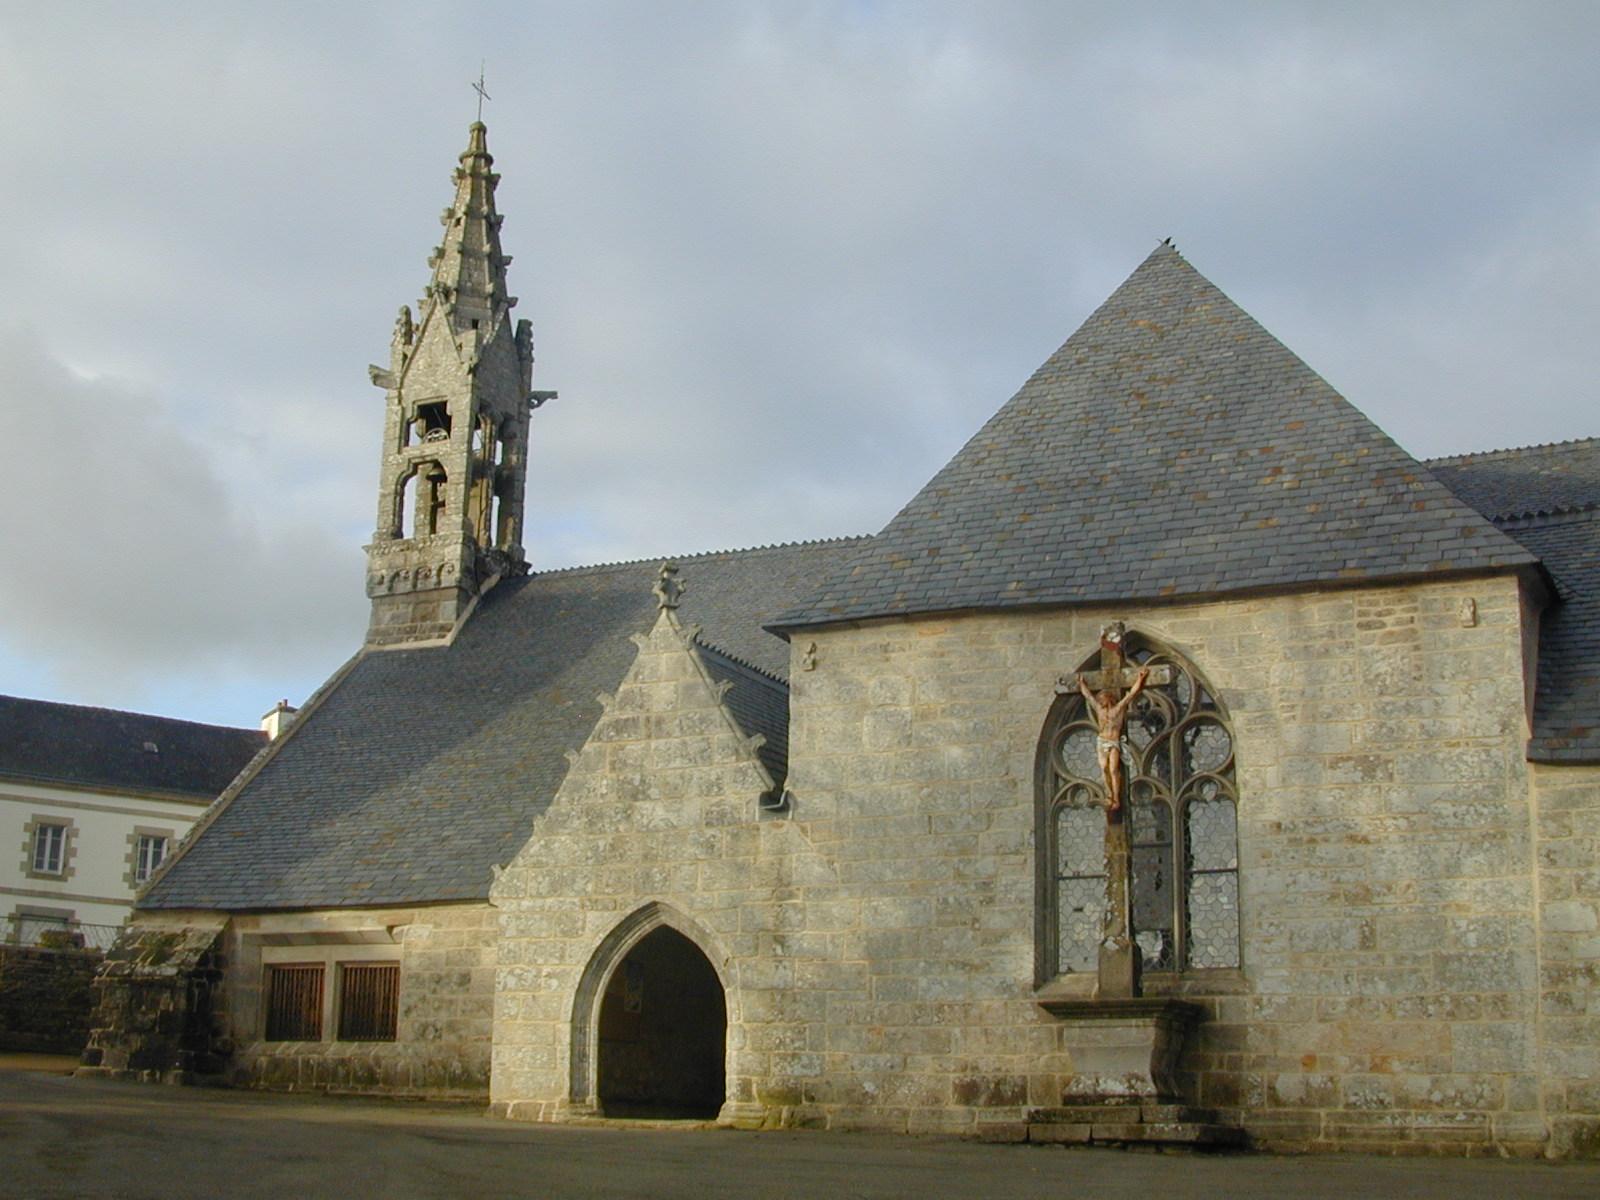 L'église Saint-Conogan à Lanvénégen, photo par André Peron.